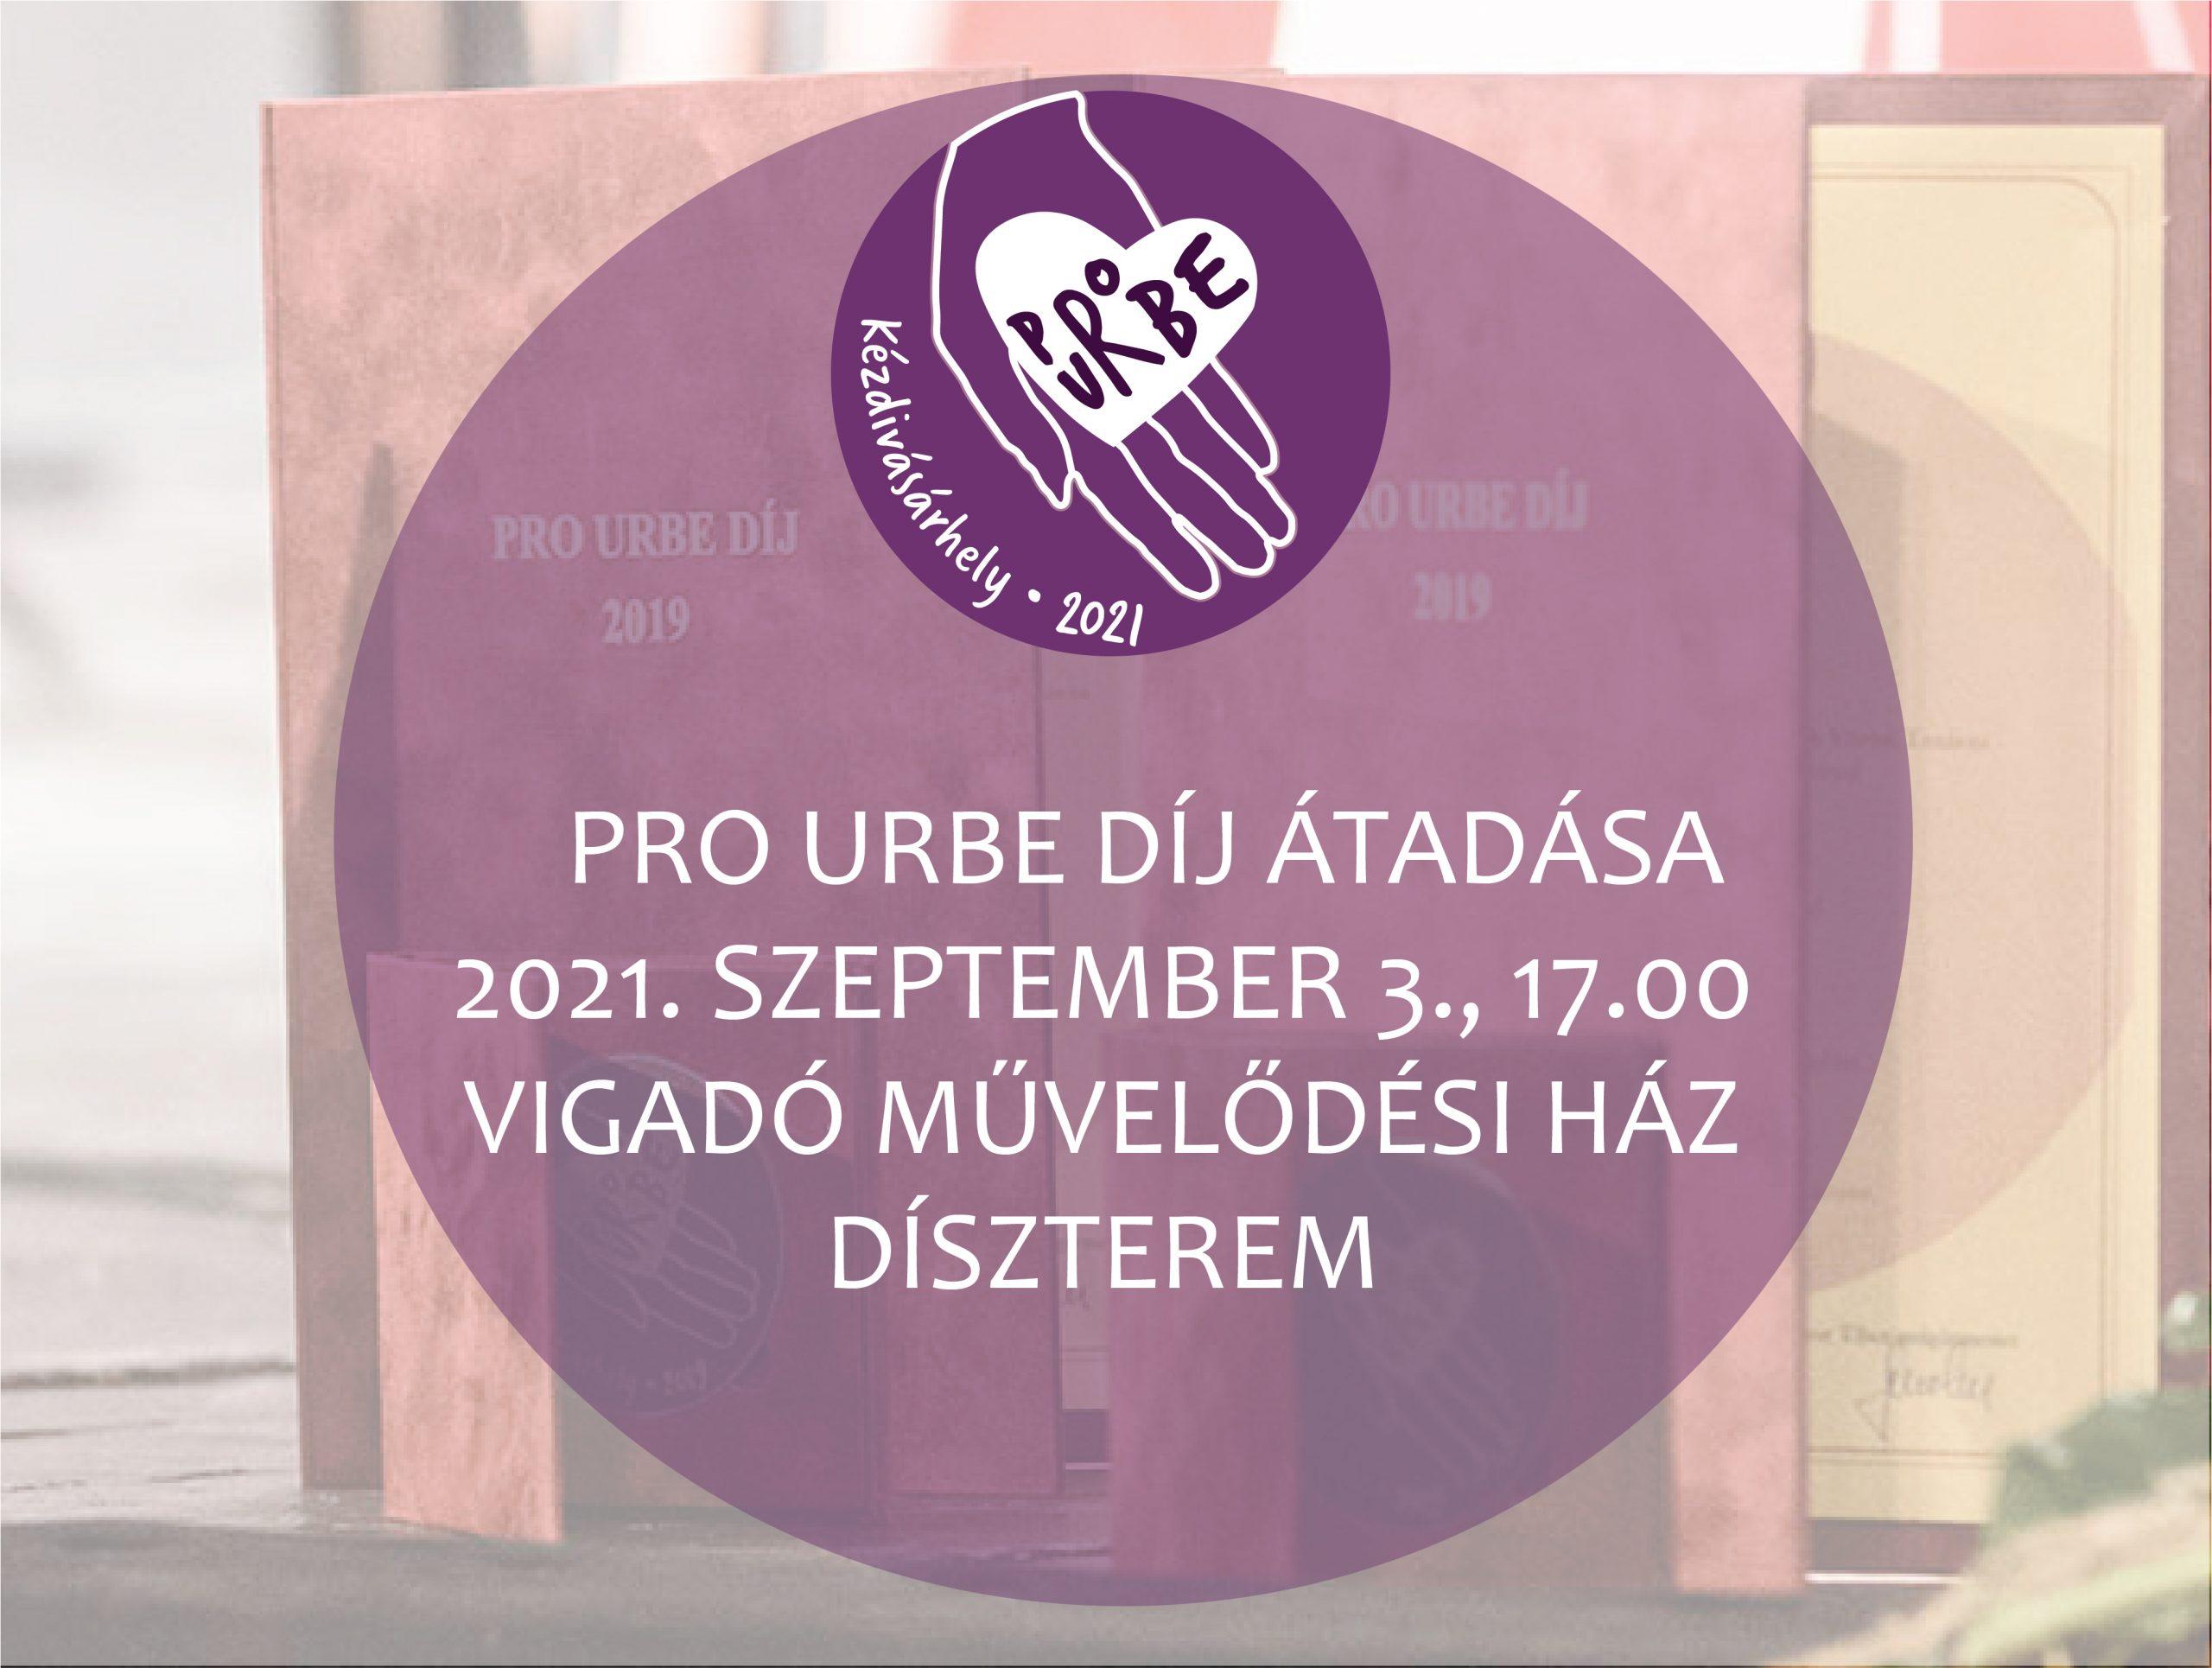 Dr. Biró Gábor kapja a Pro Urbe díjat